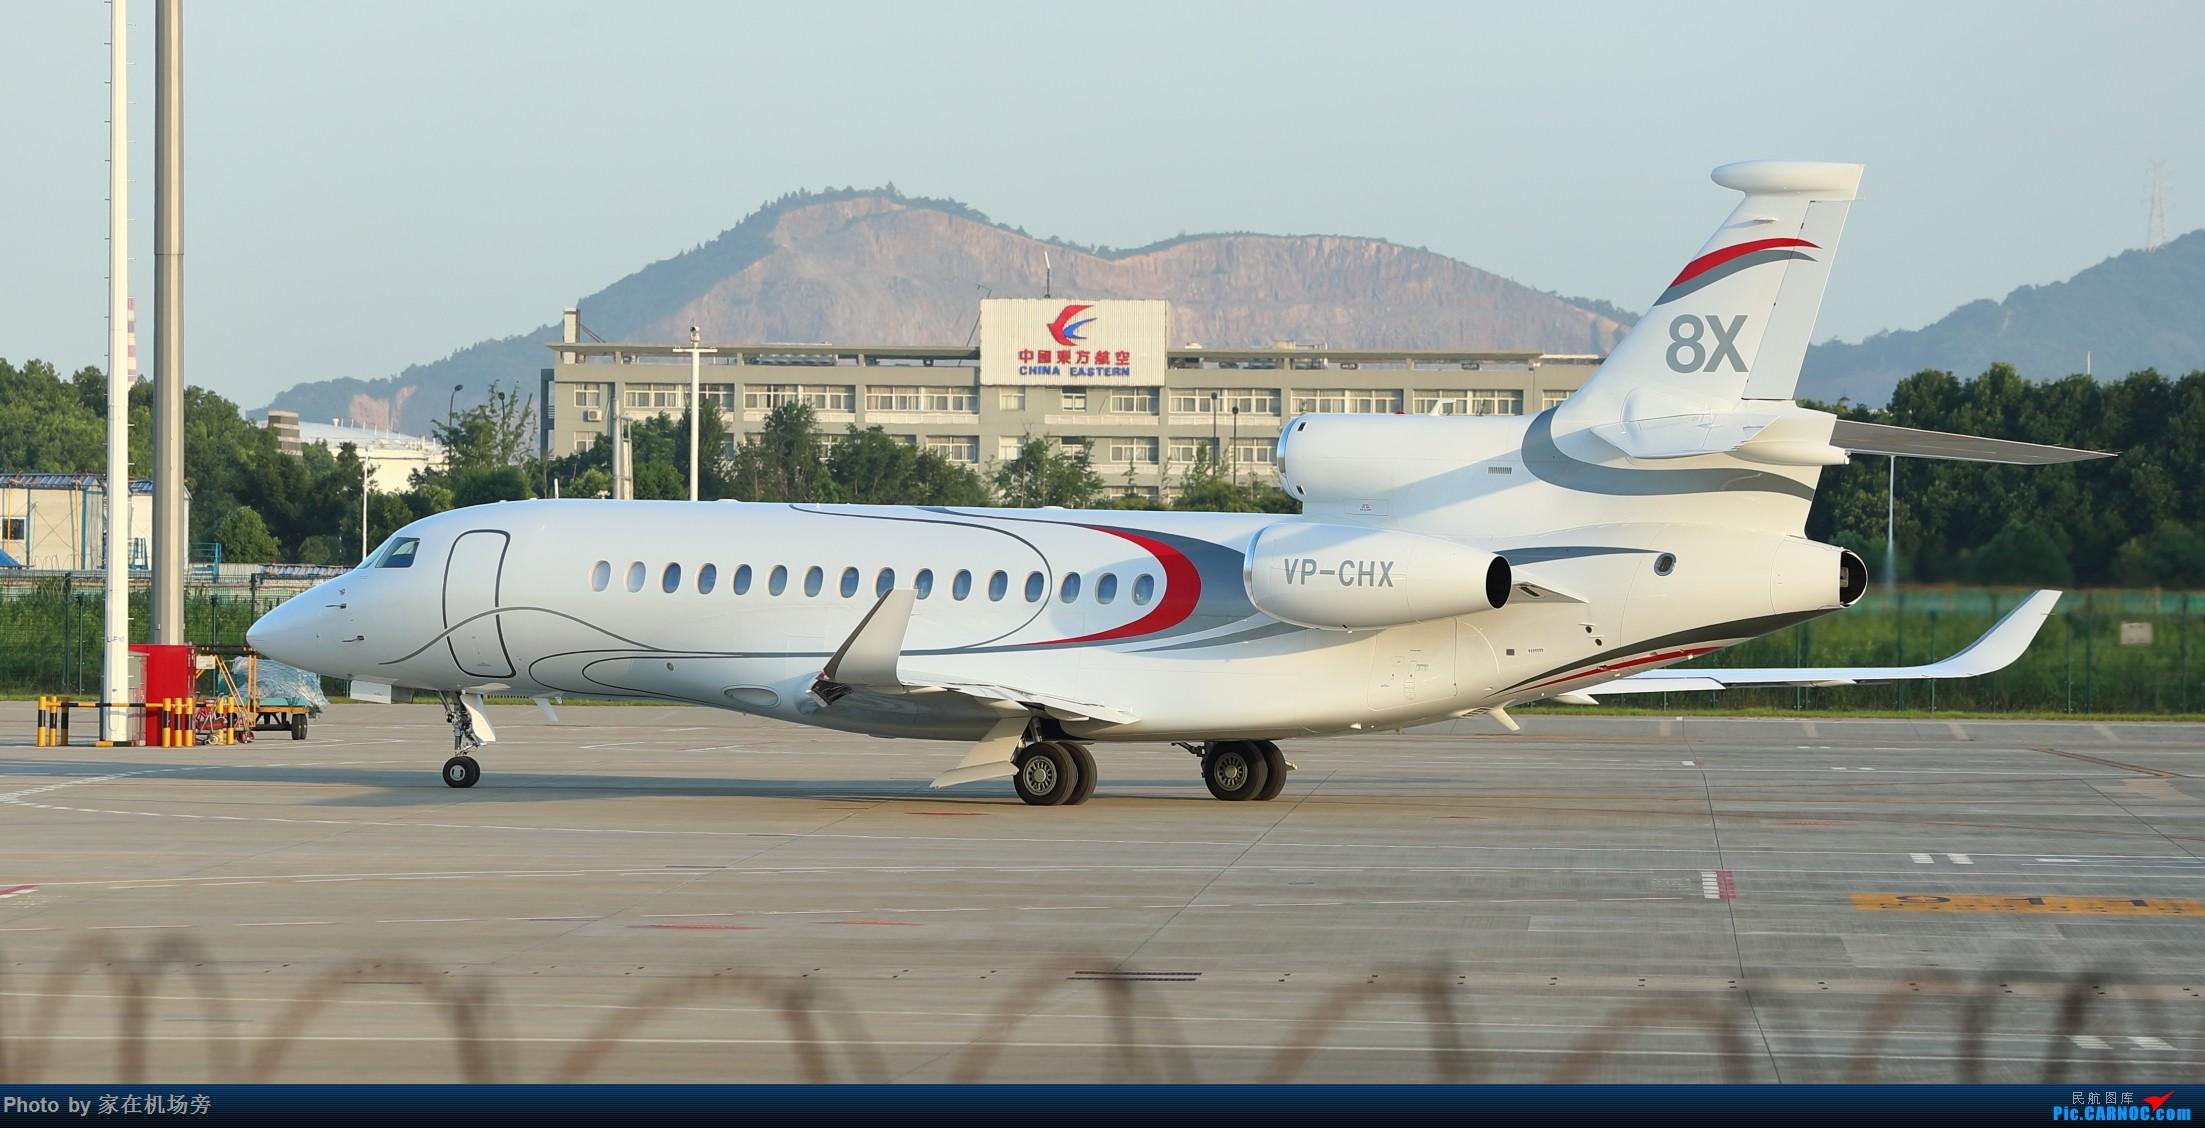 达索猎鹰8X惊现杭州萧山机场 猎鹰8X